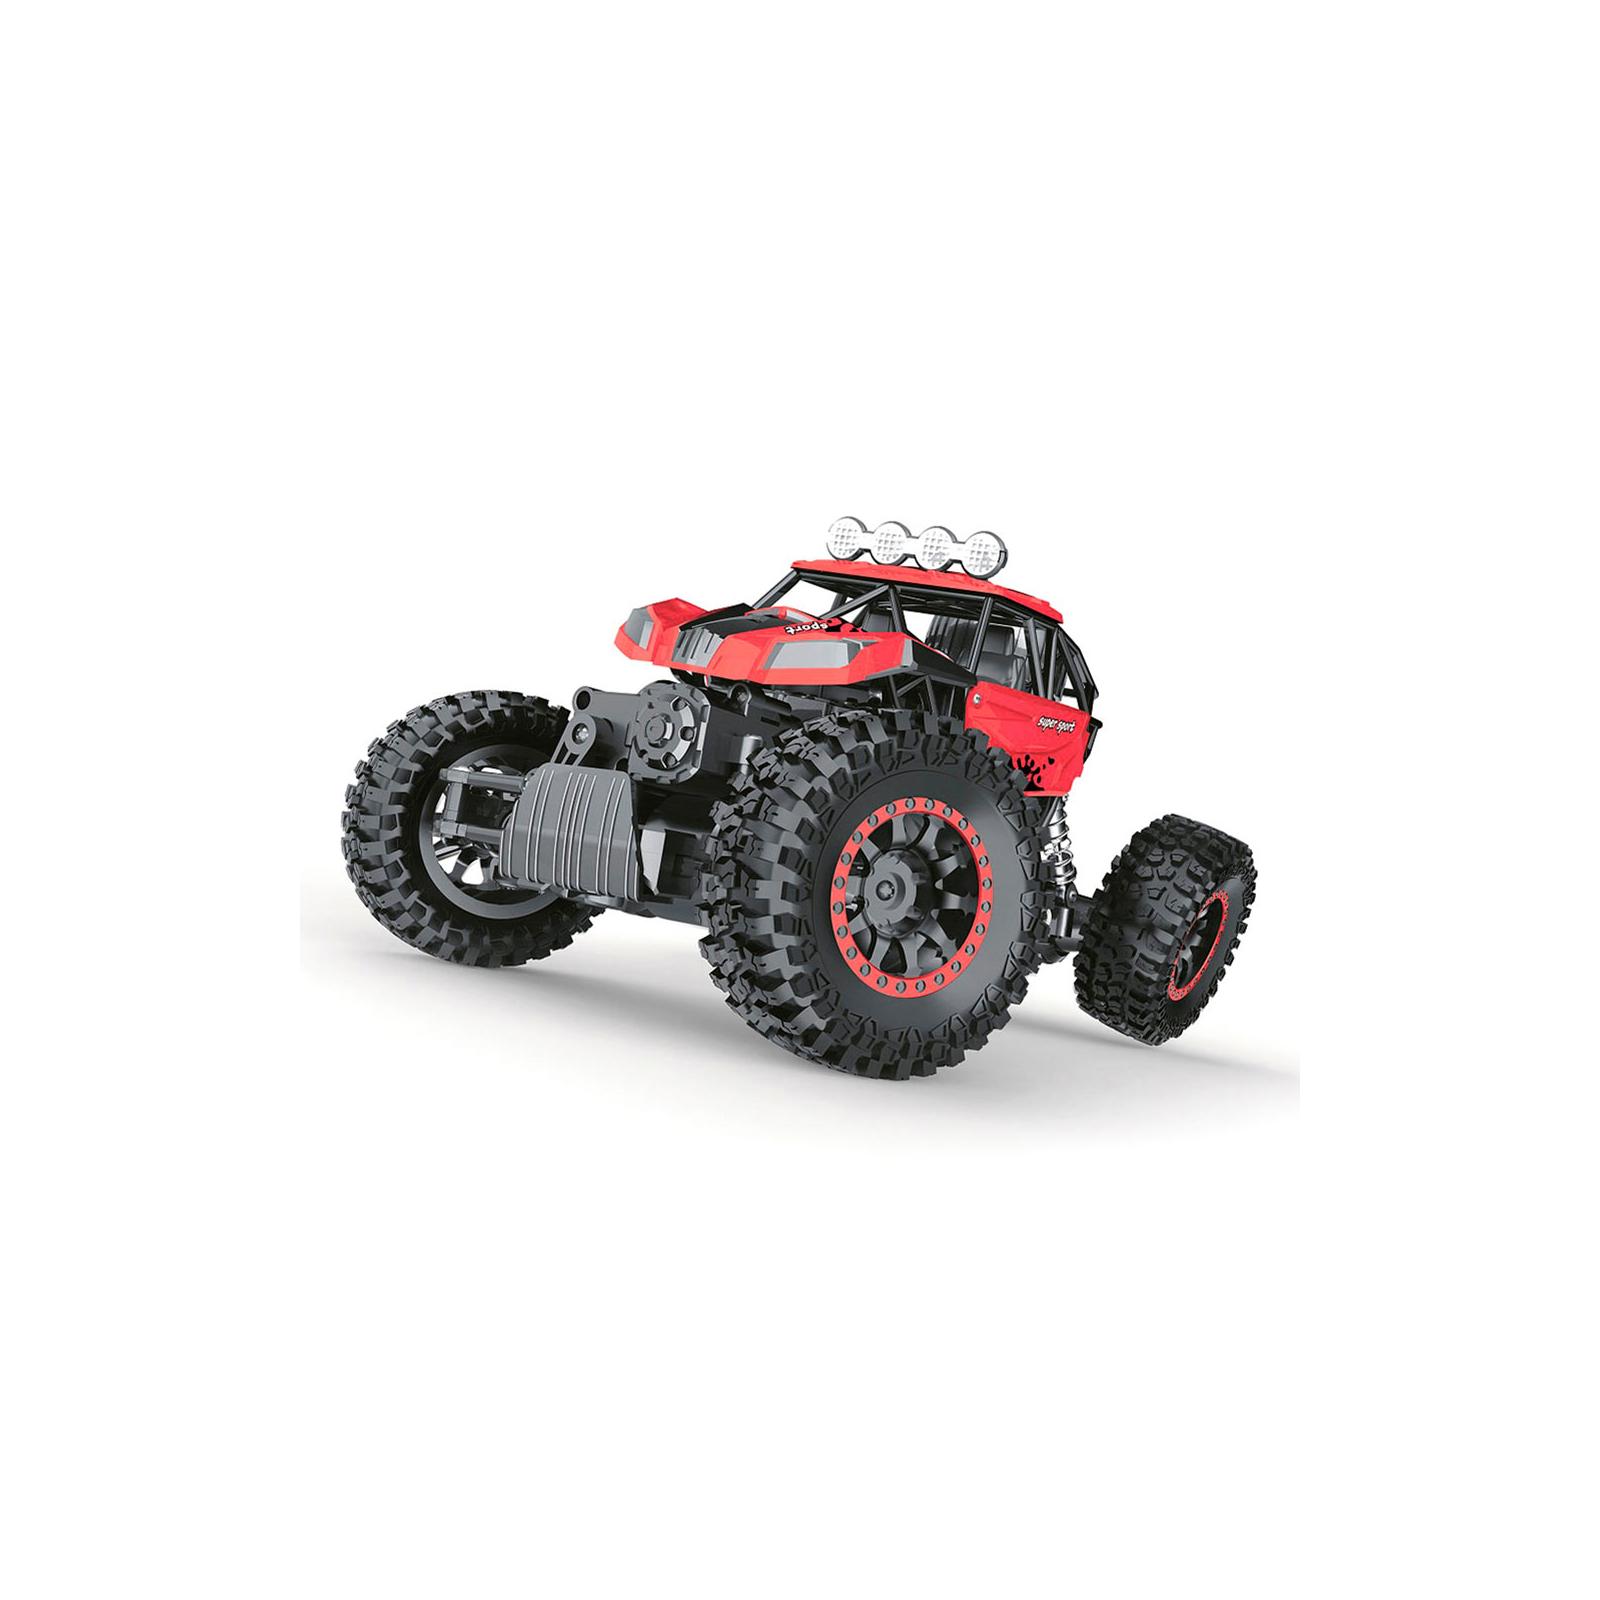 Радиоуправляемая игрушка Sulong Toys OFF-ROAD CRAWLER SUPER SPORT Красный (SL-001RHR) изображение 2